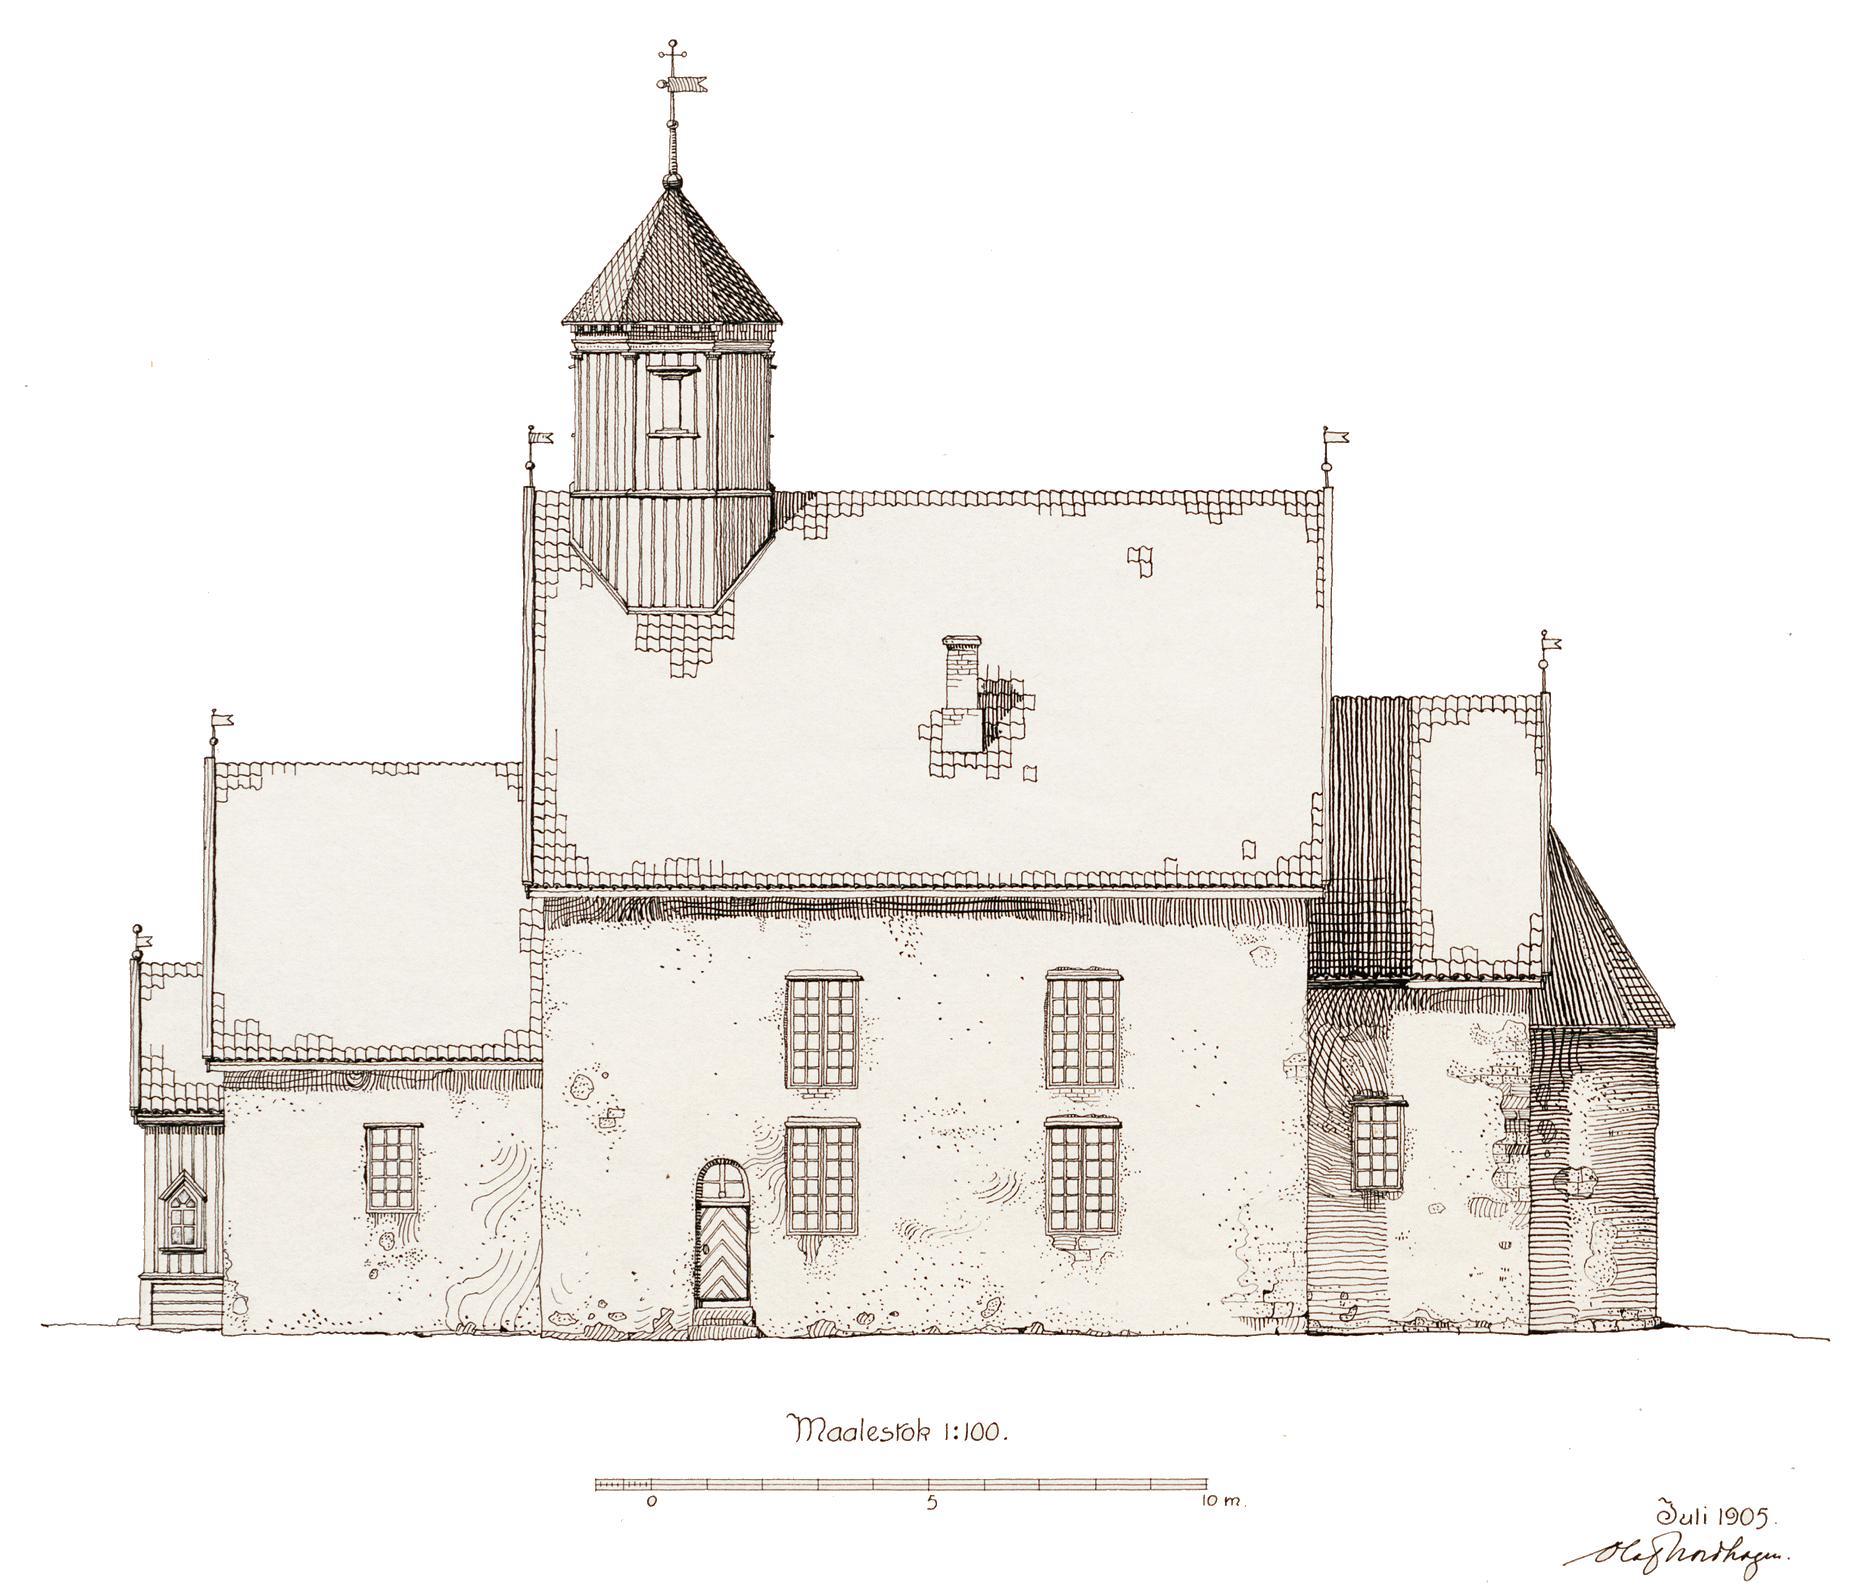 Tegning av Balke kirke